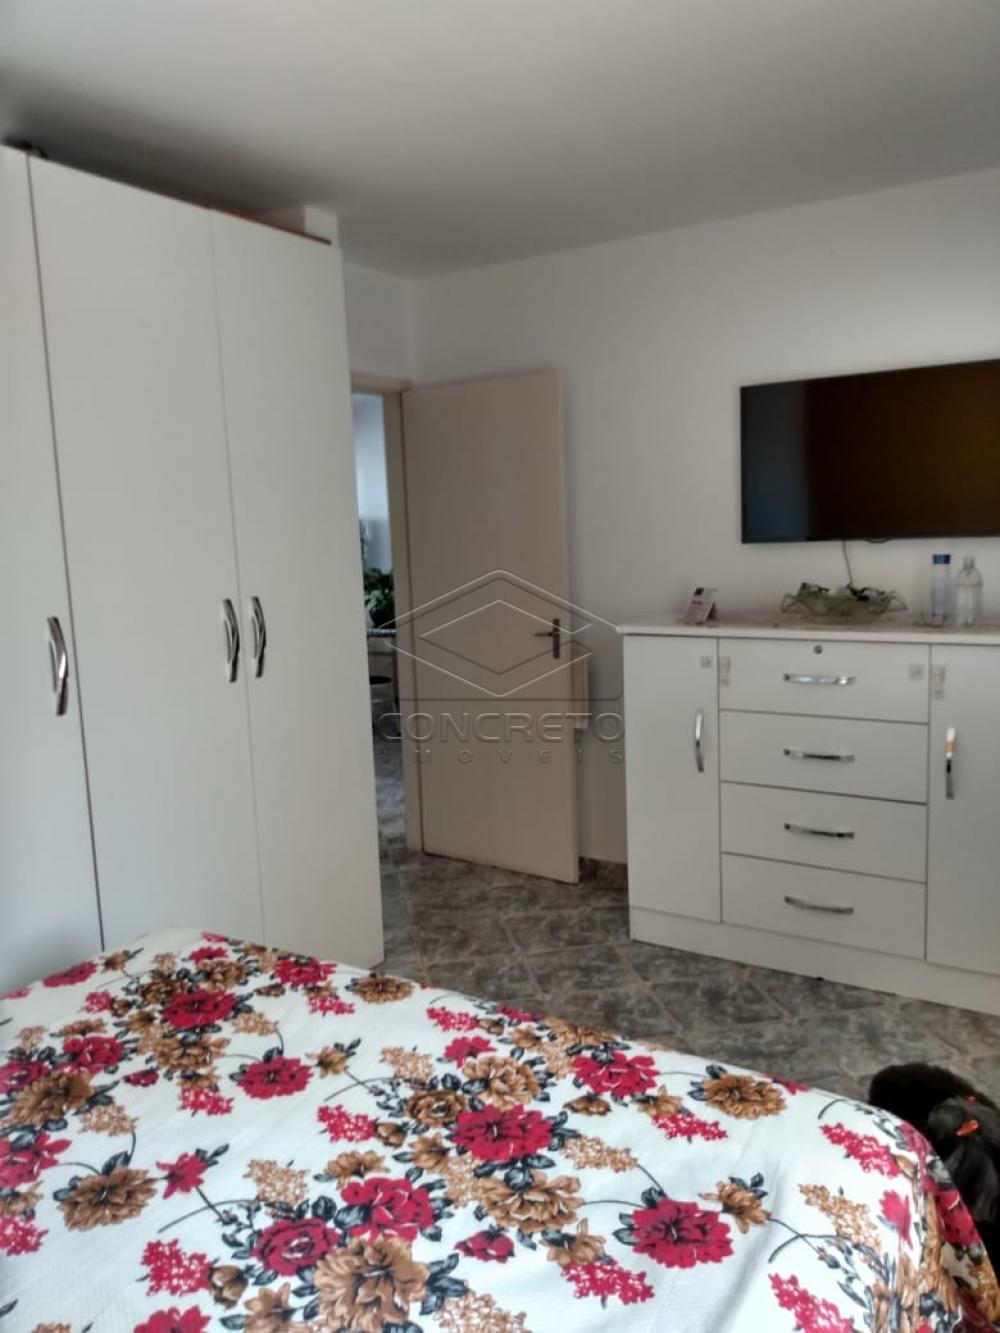 Comprar Apartamento / Padrão em Bauru R$ 220.000,00 - Foto 17